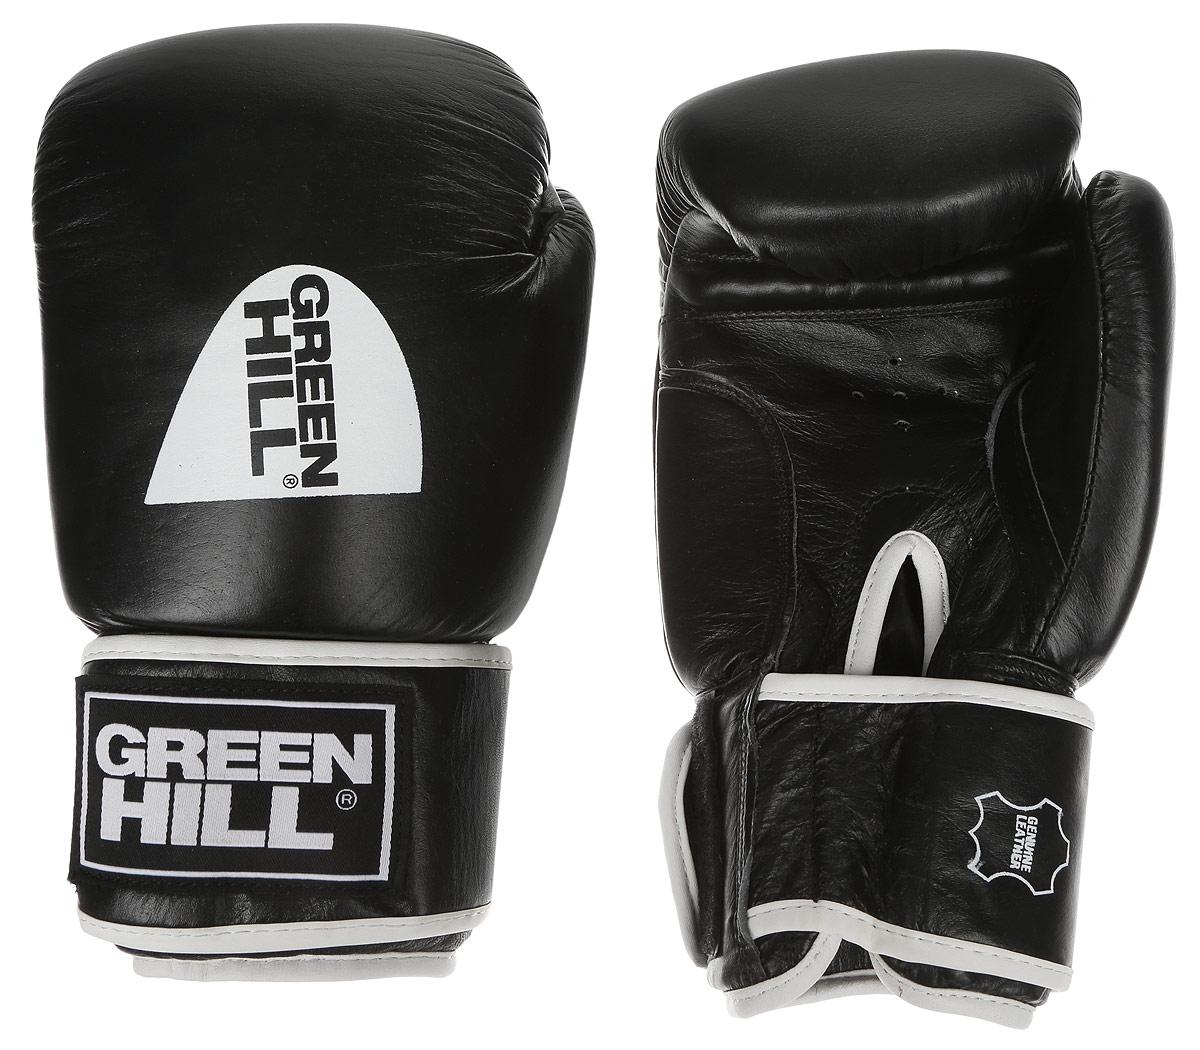 Перчатки боксерские Green Hill Gym, цвет: черный, белый. Вес 10 унций перчатки боксерские green hill force цвет красный белый вес 10 унций bgf 1215